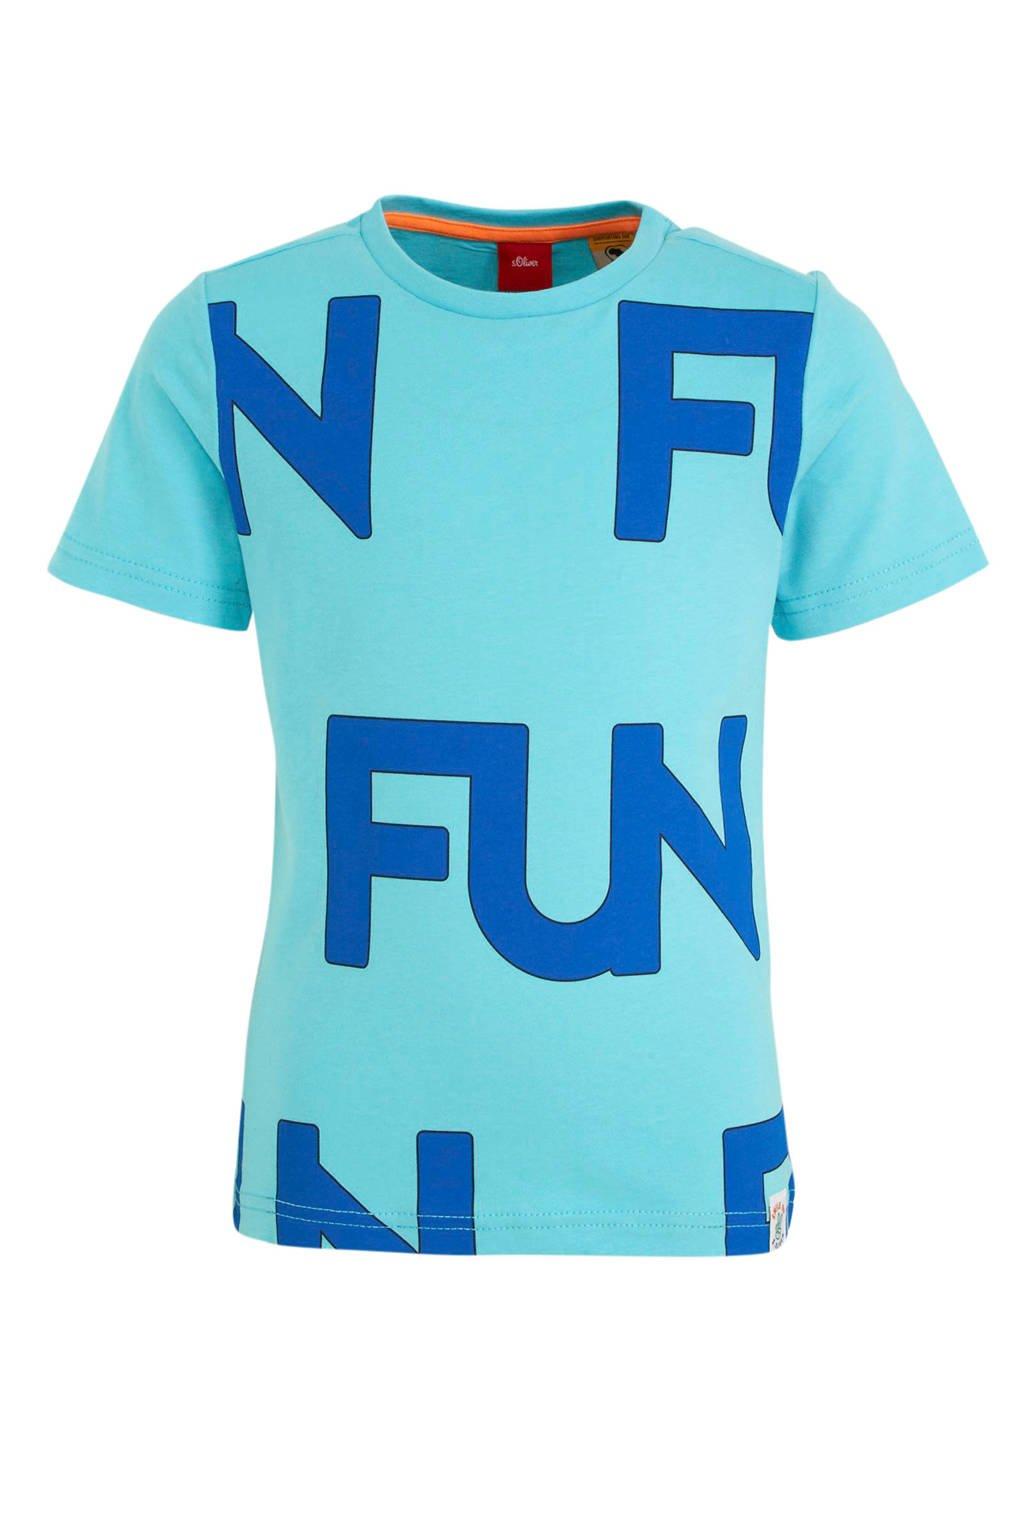 s.Oliver T-shirt met tekst lichtblauw/blauw, Lichtblauw/blauw